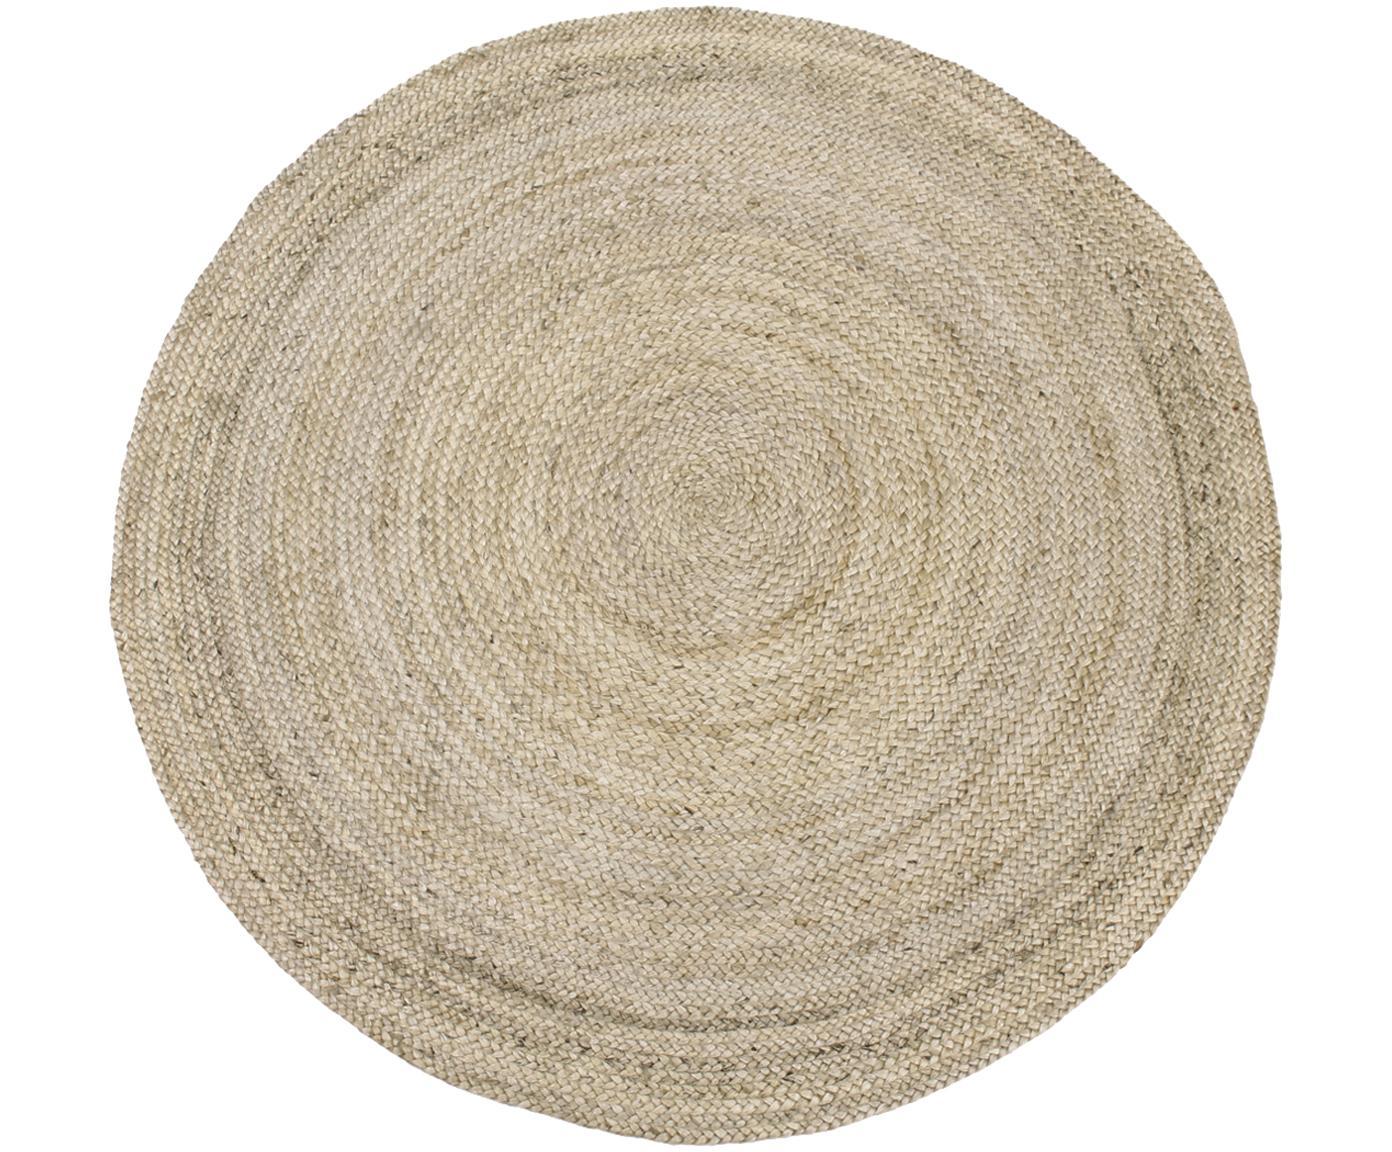 Rond handgemaakt juten vloerkleed Sharmila, Jute, Beige, Ø 200 cm (maat L)